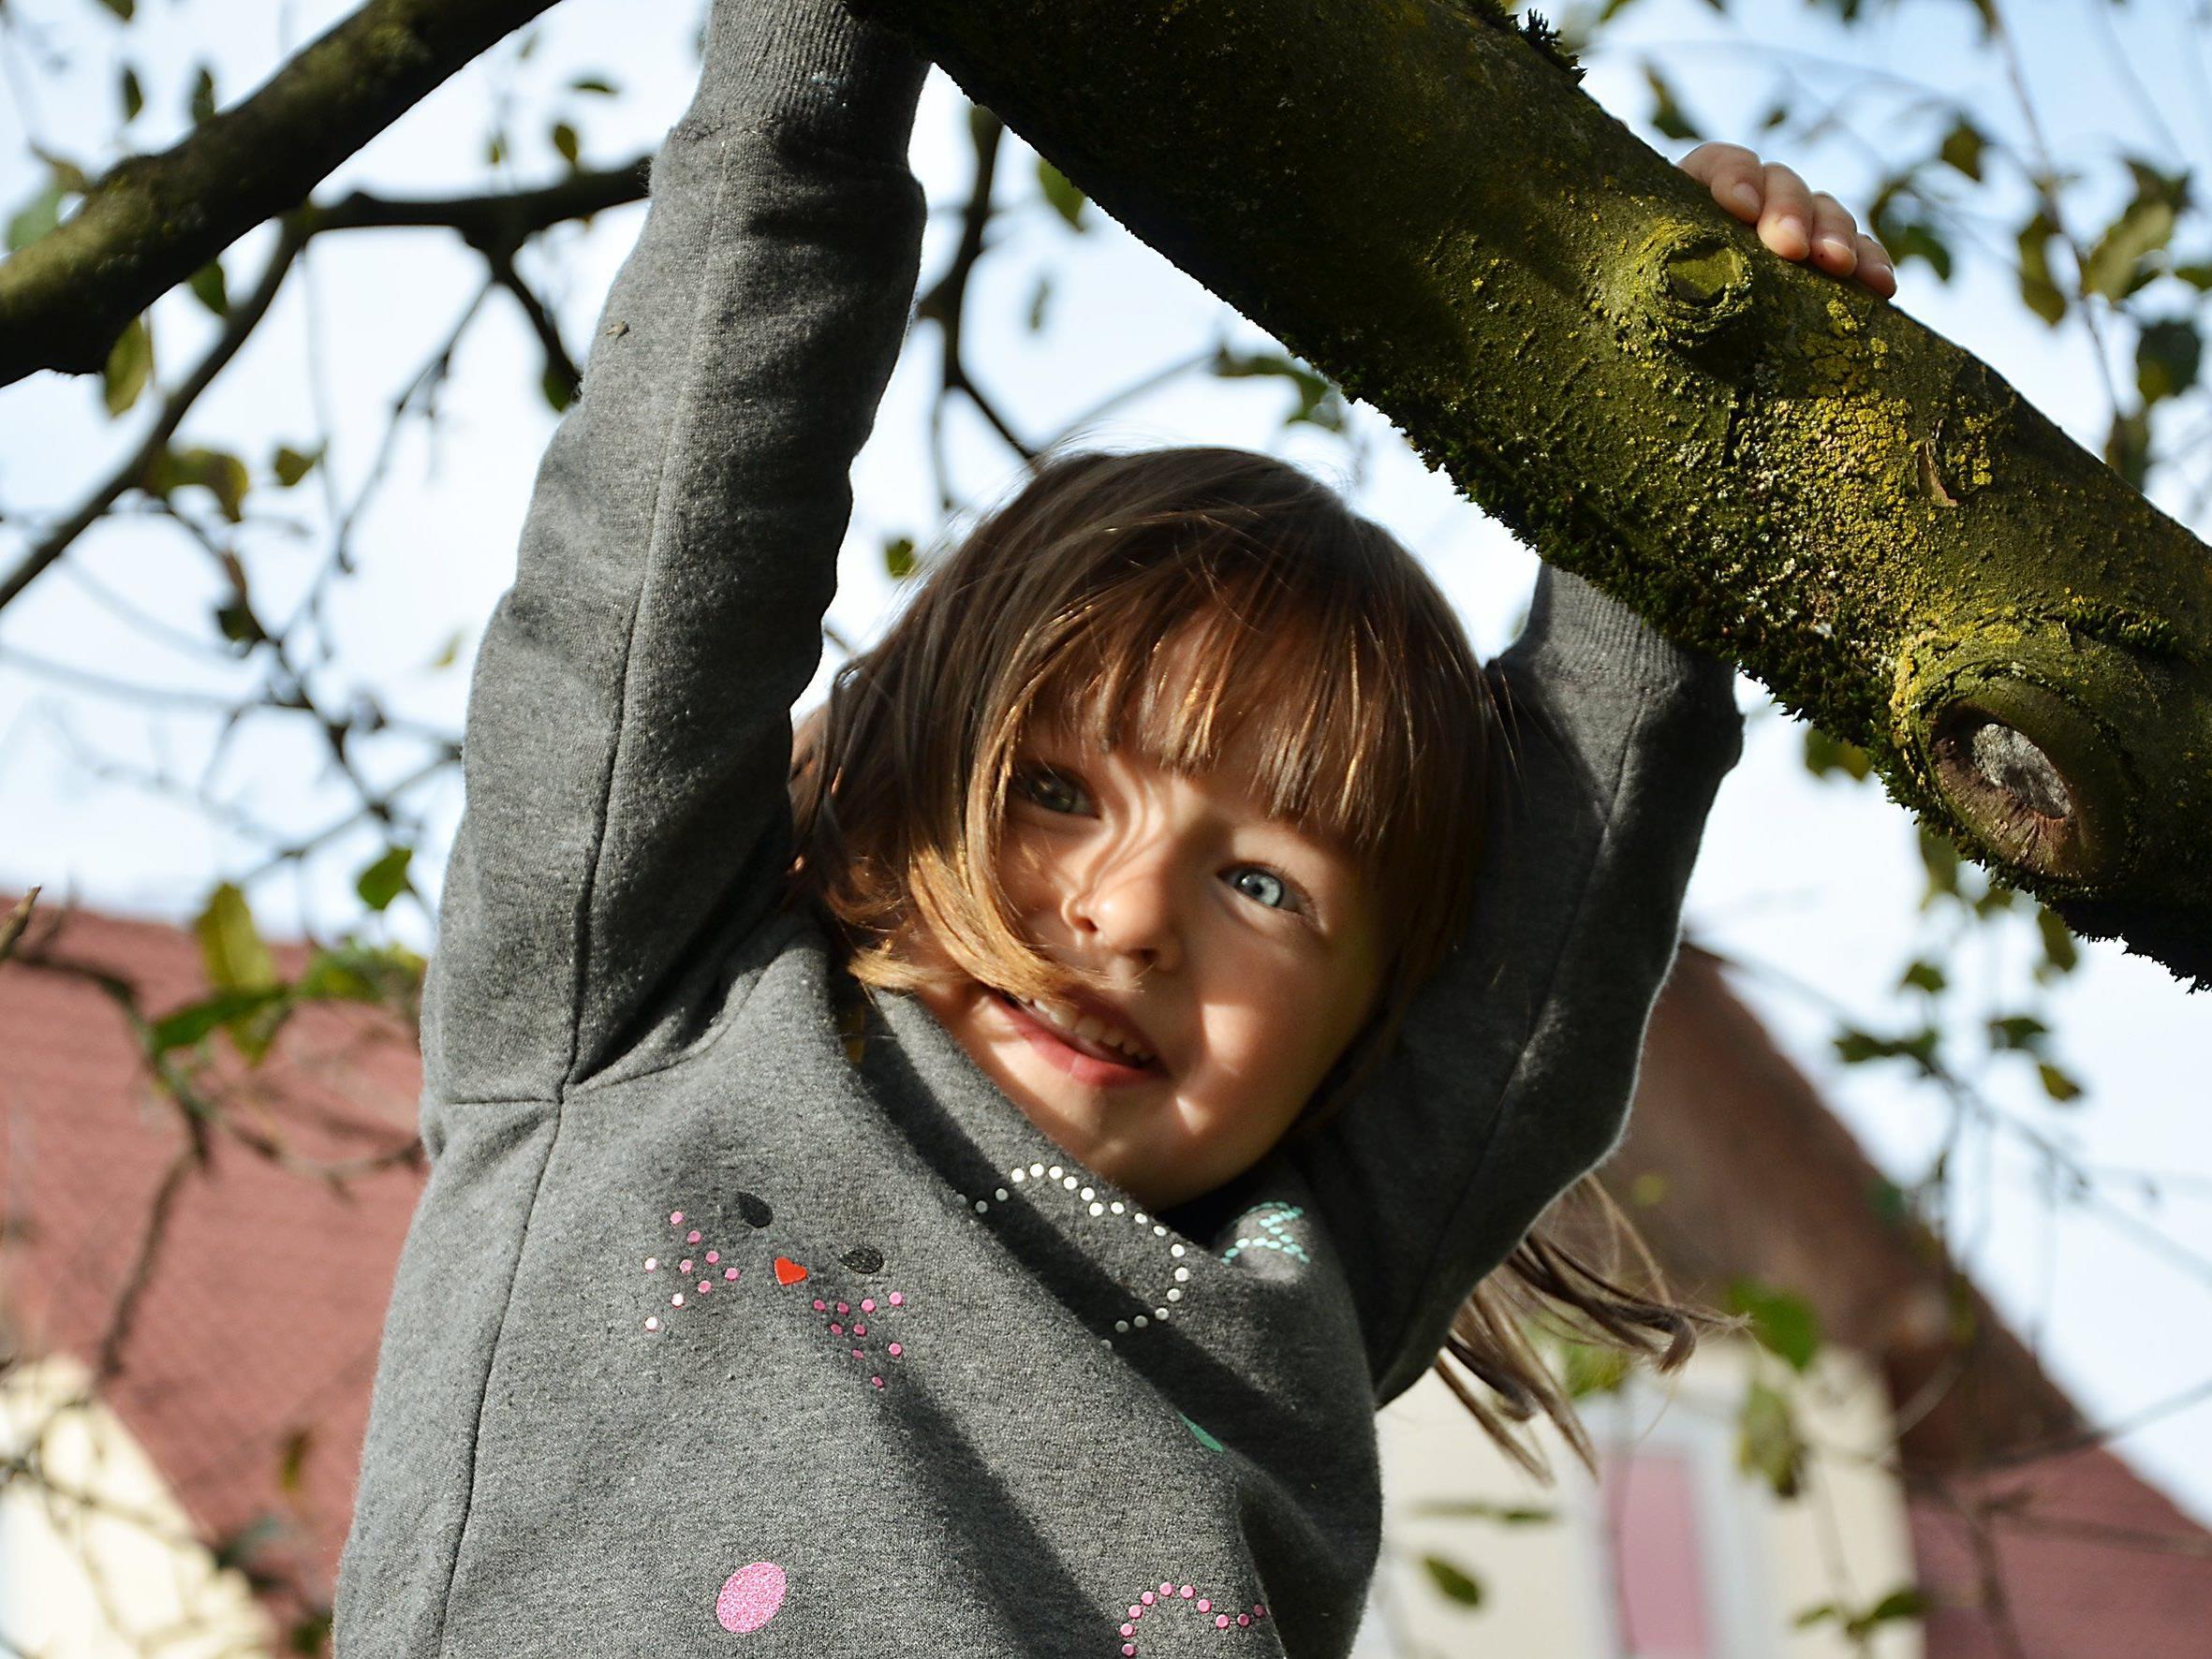 Am Tag der Kinderrechte will das Vorarlberger Kinderdorf die Potentiale von Kindern in den Fordergrund stellen.